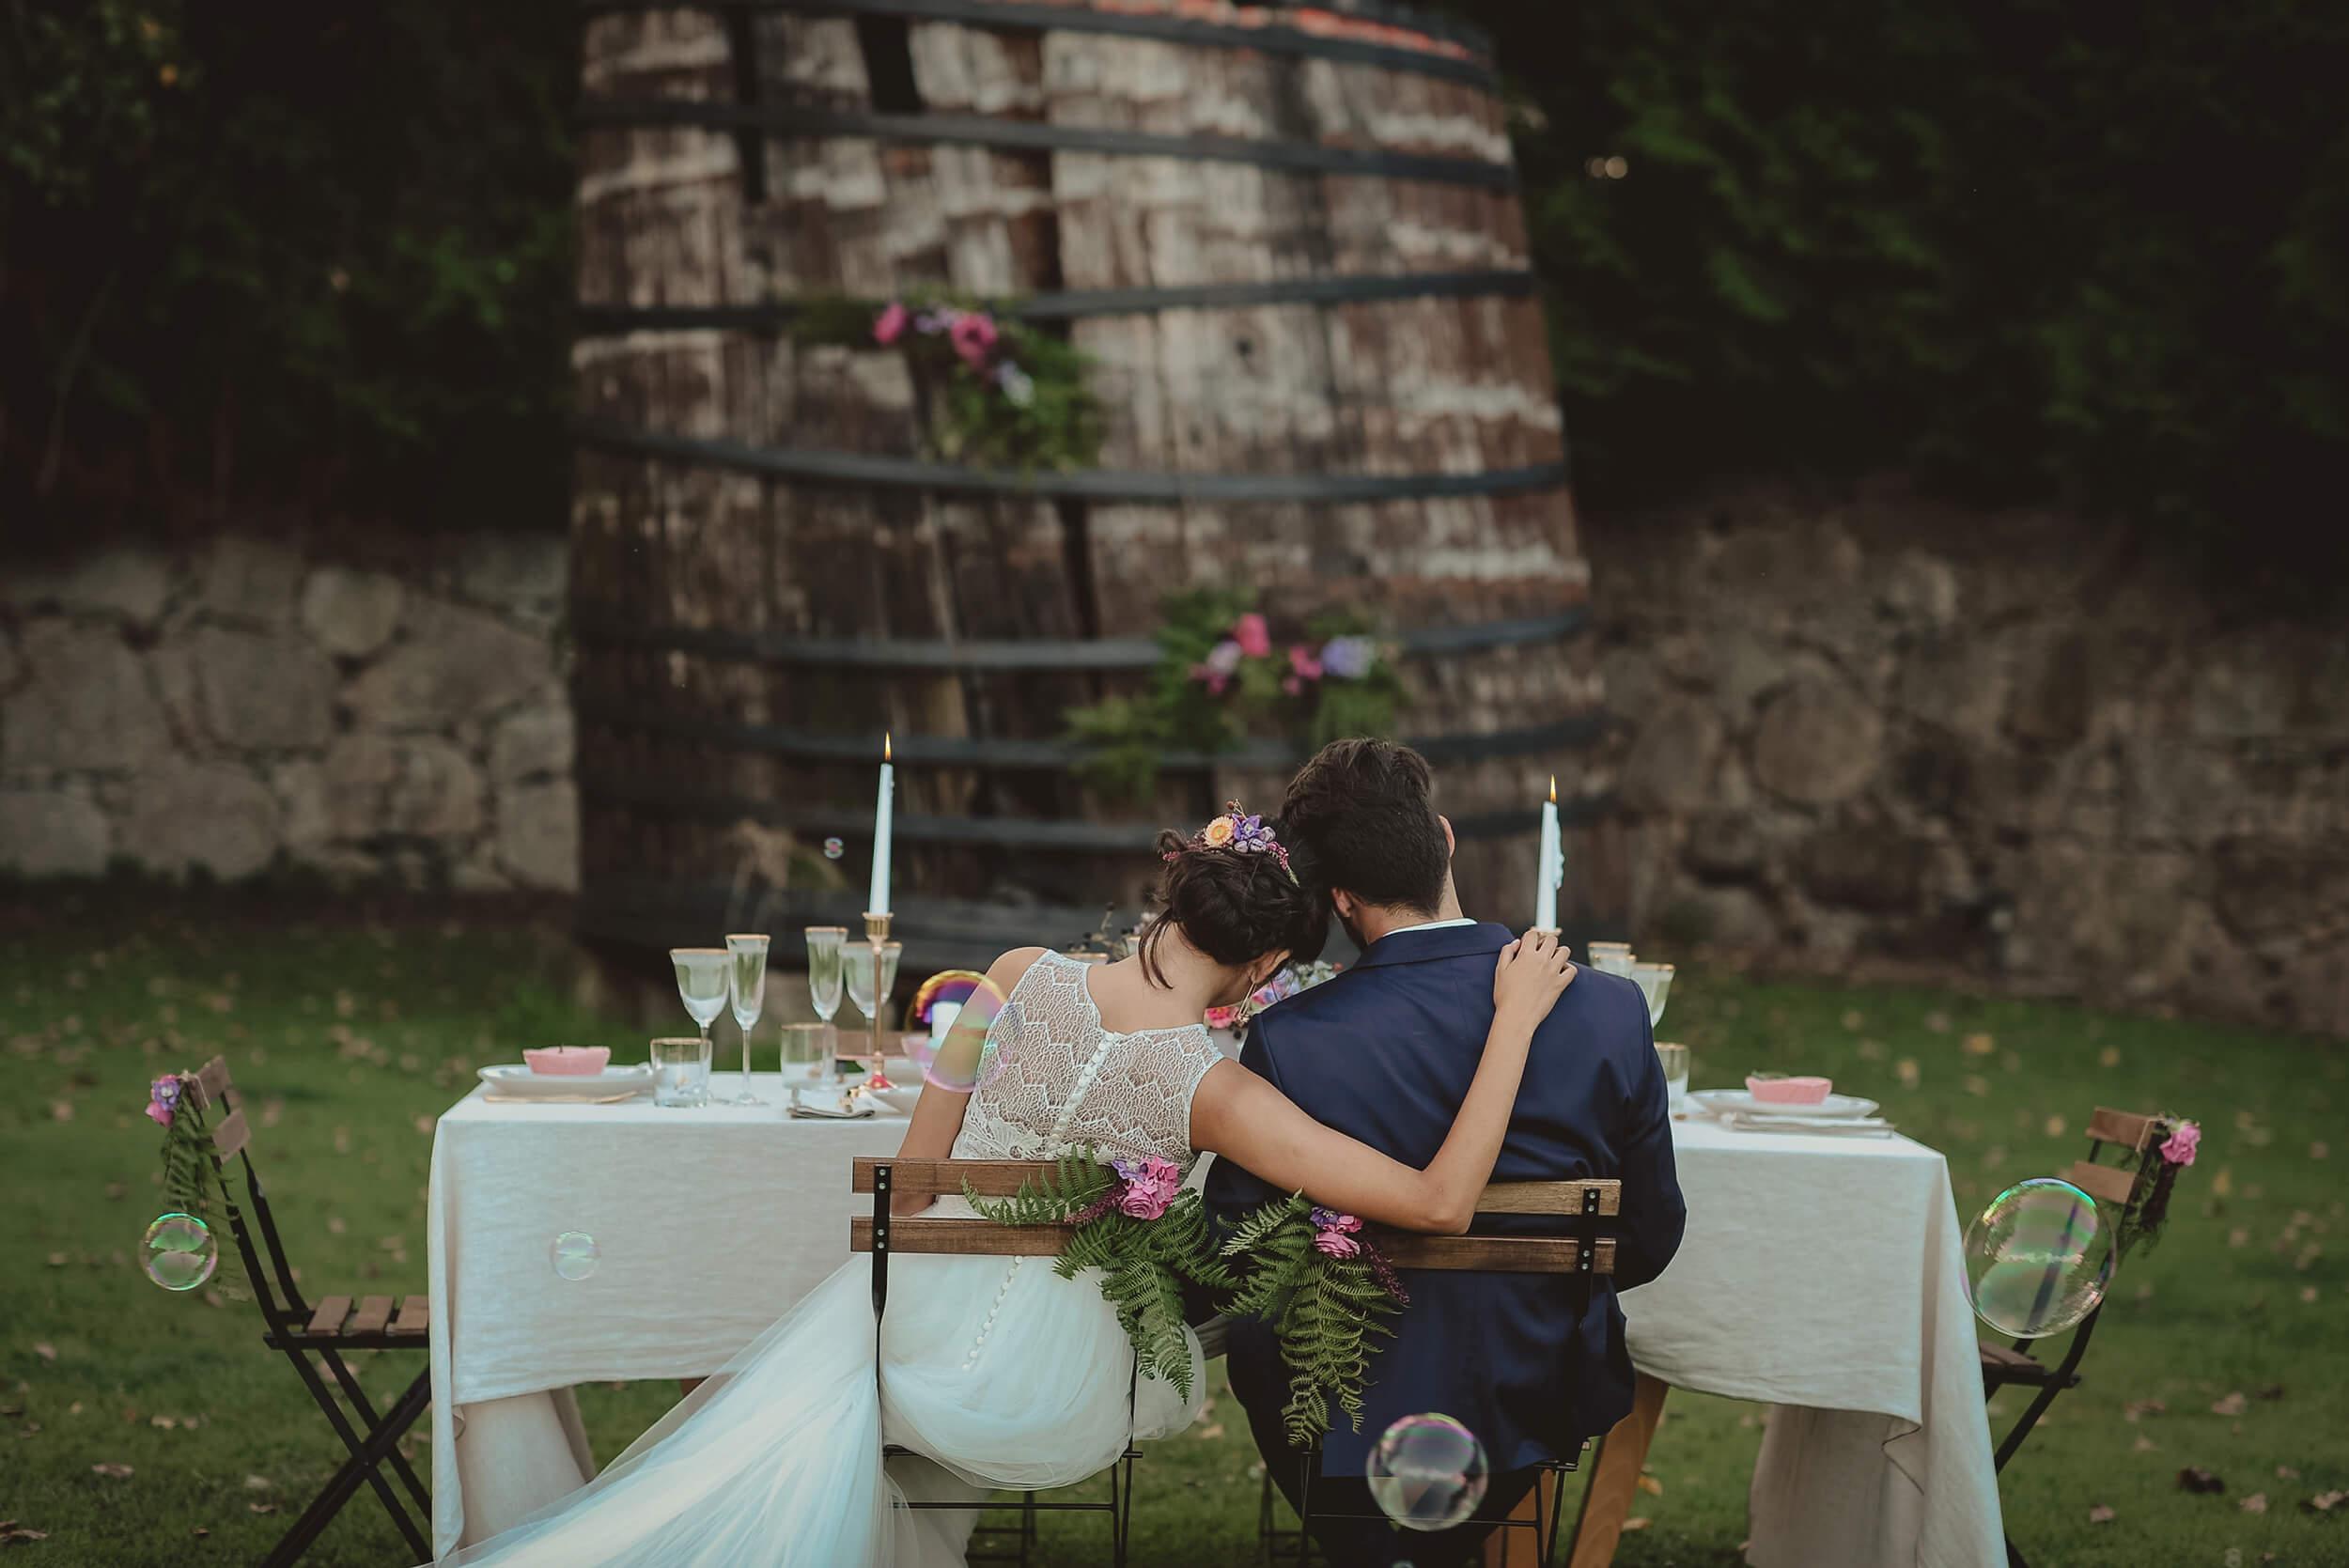 roma-organizacao-eventos-editorial-casamento-colorful-wedding-50